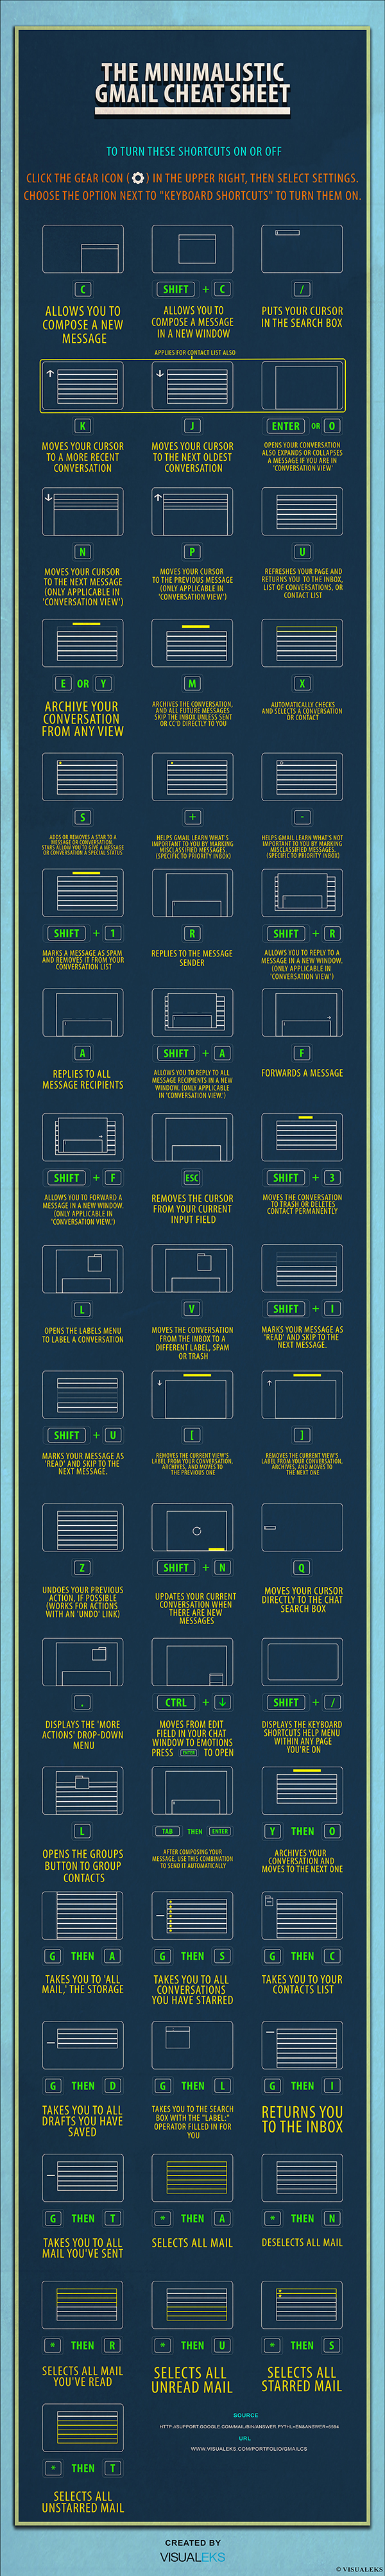 gmail. cheat sheet